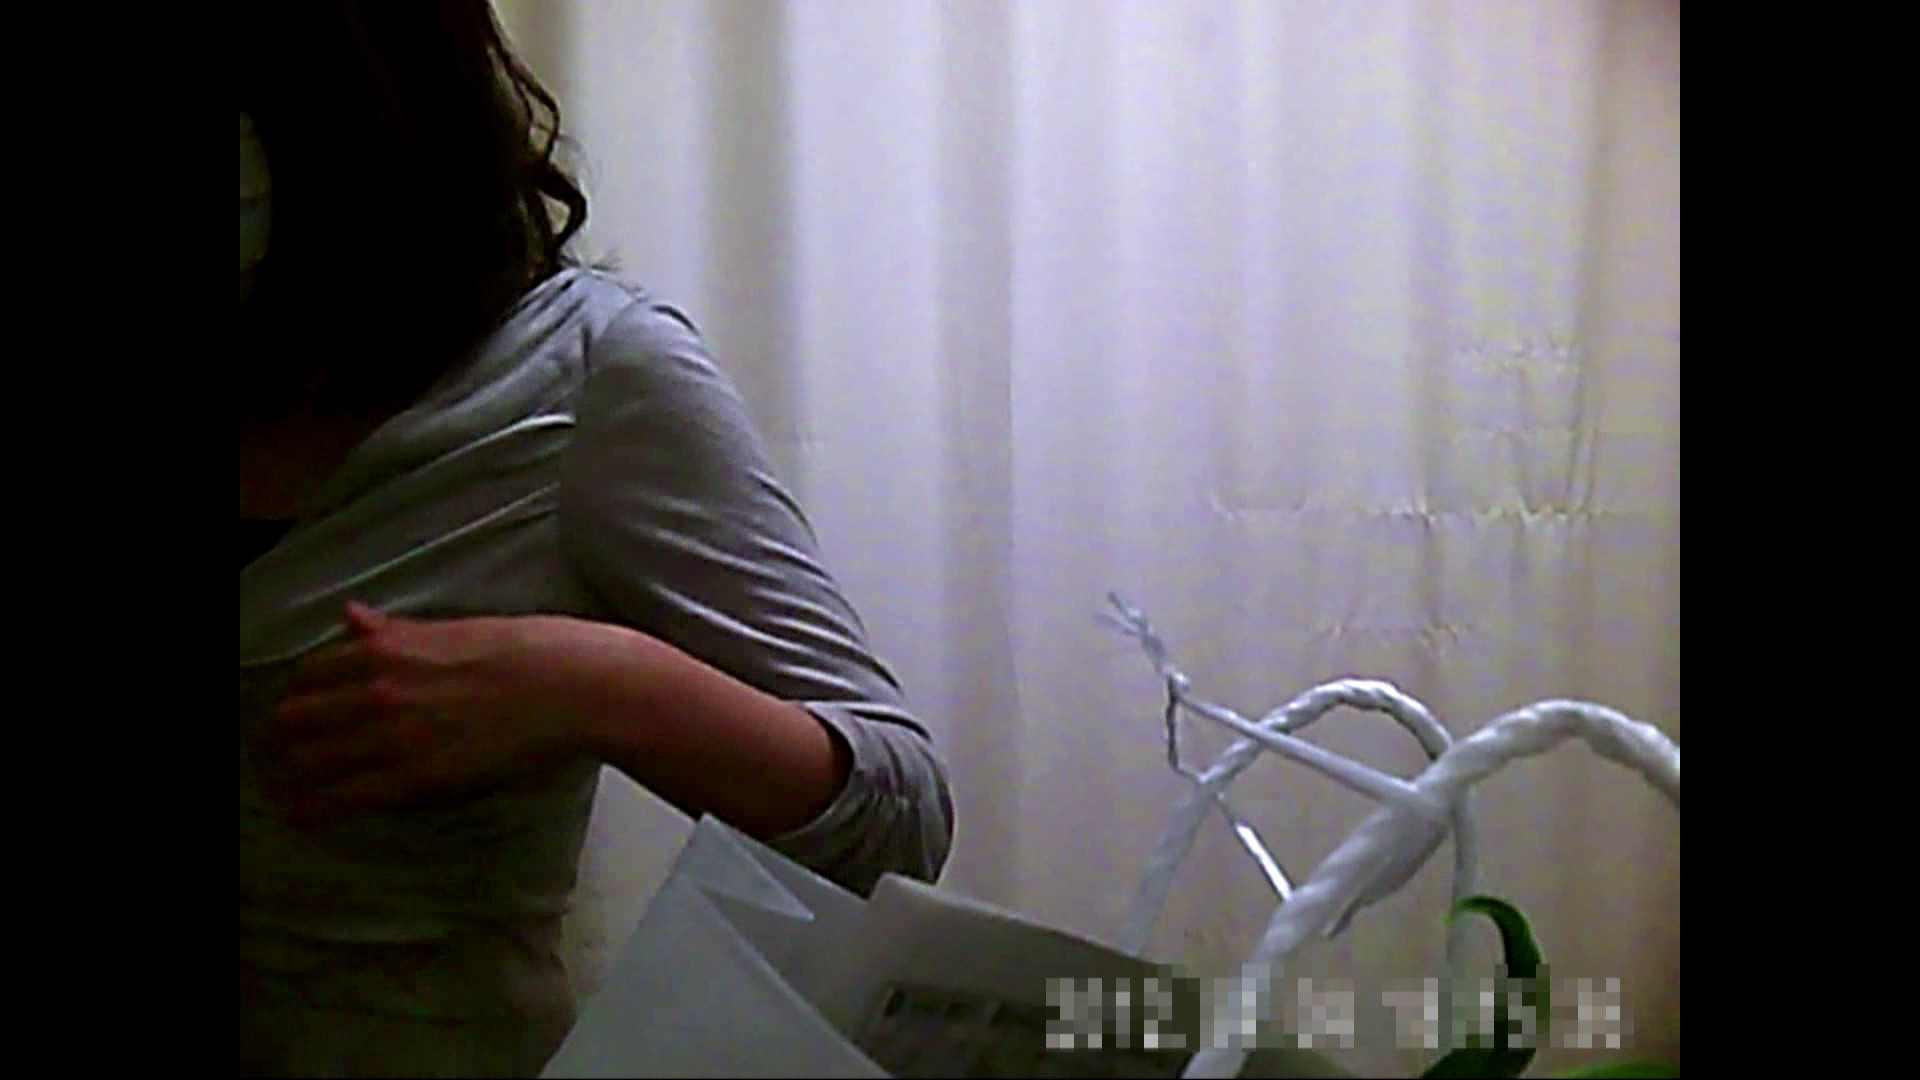 無修正エロ動画 元医者による反抗 更衣室地獄絵巻 vol.021 怪盗ジョーカー